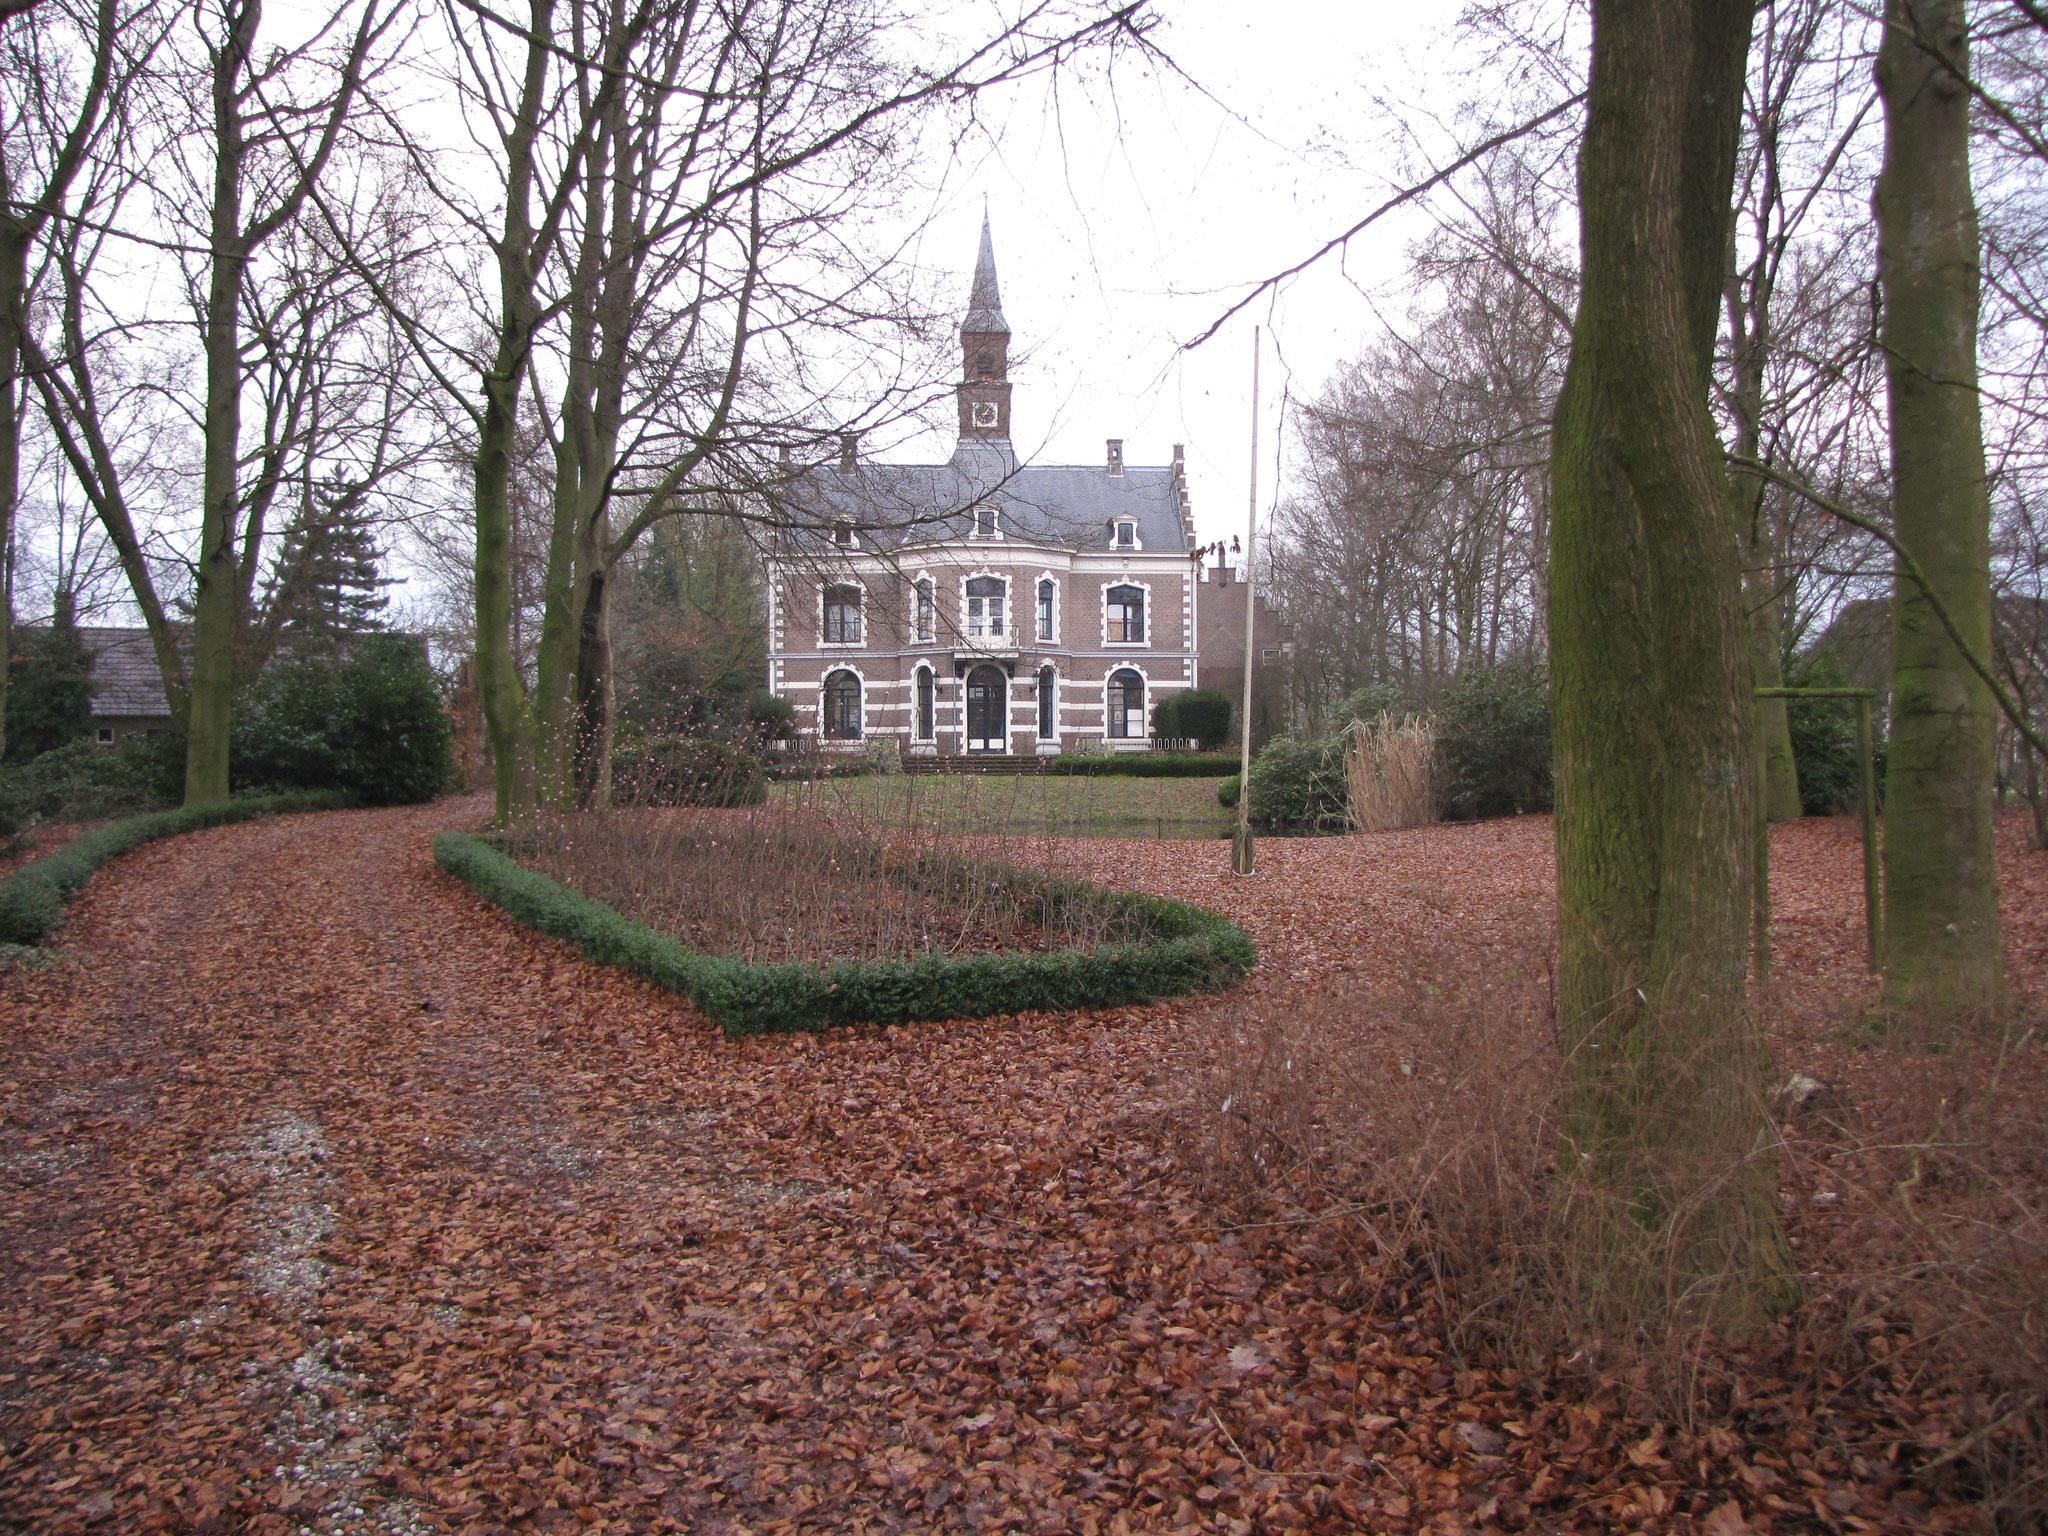 Bruinhorst gezien vanaf de oprit.